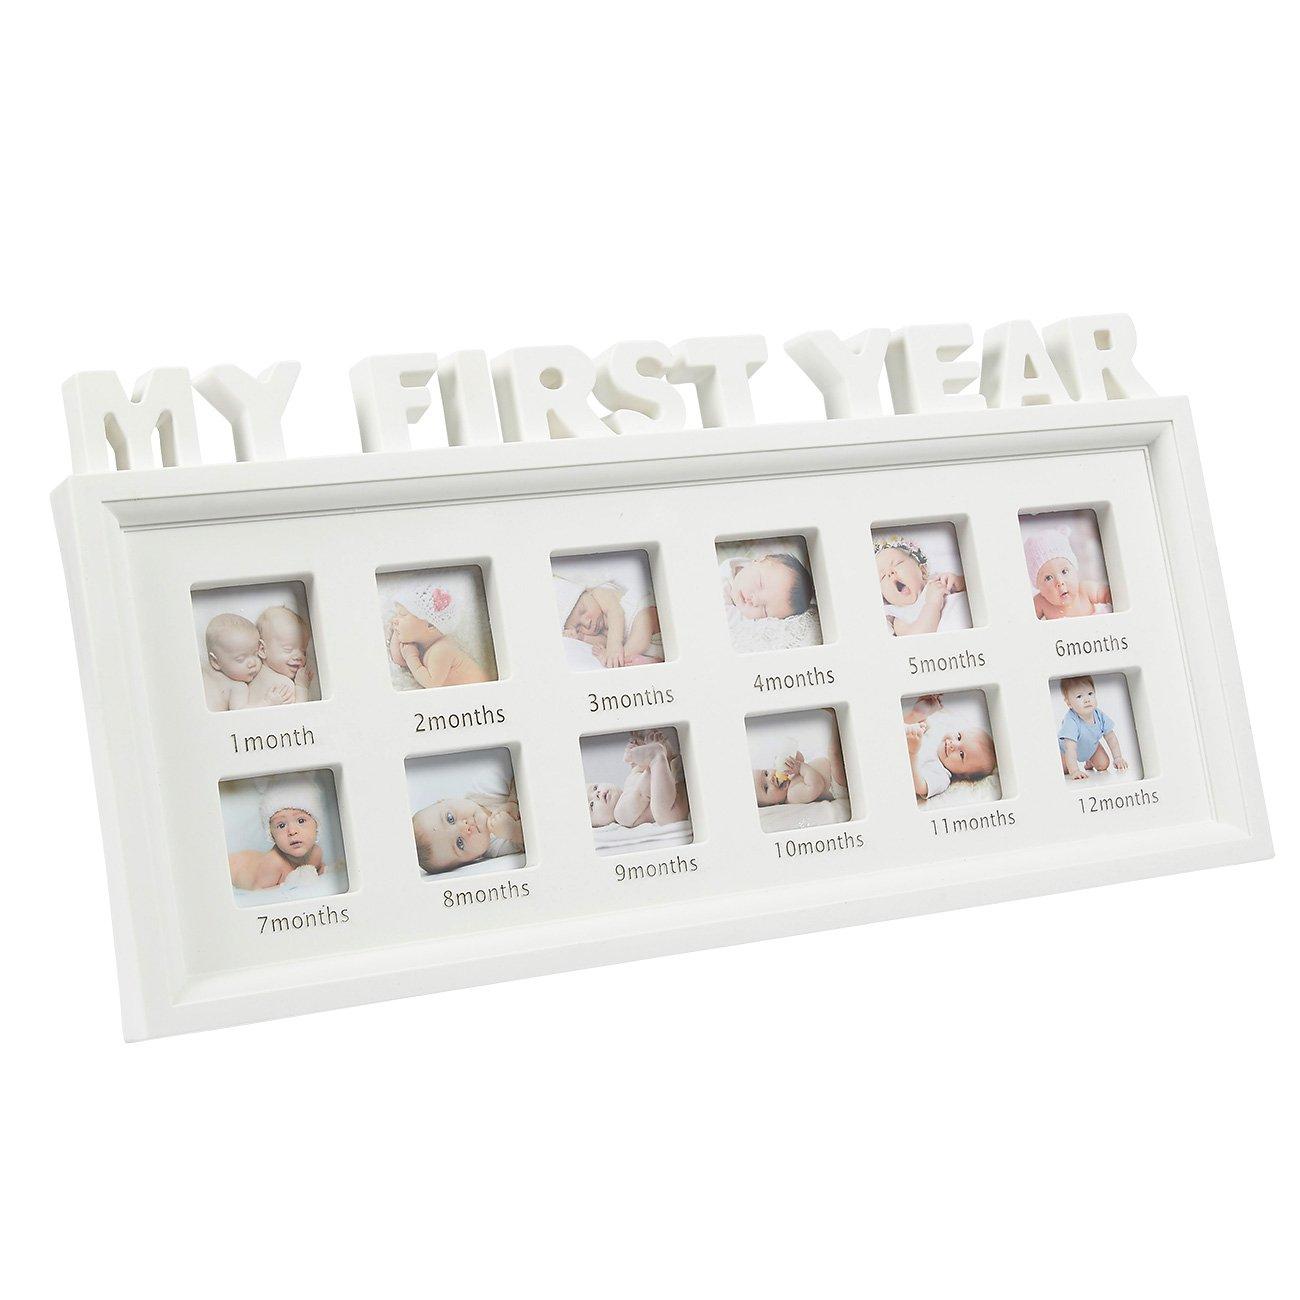 Mi primer año bebé marco de fotos – 12 meses marco de fotos, Capacidad para 12 fotos, uno para cada mes, 16,2 x 8 x 1 cm, color blanco